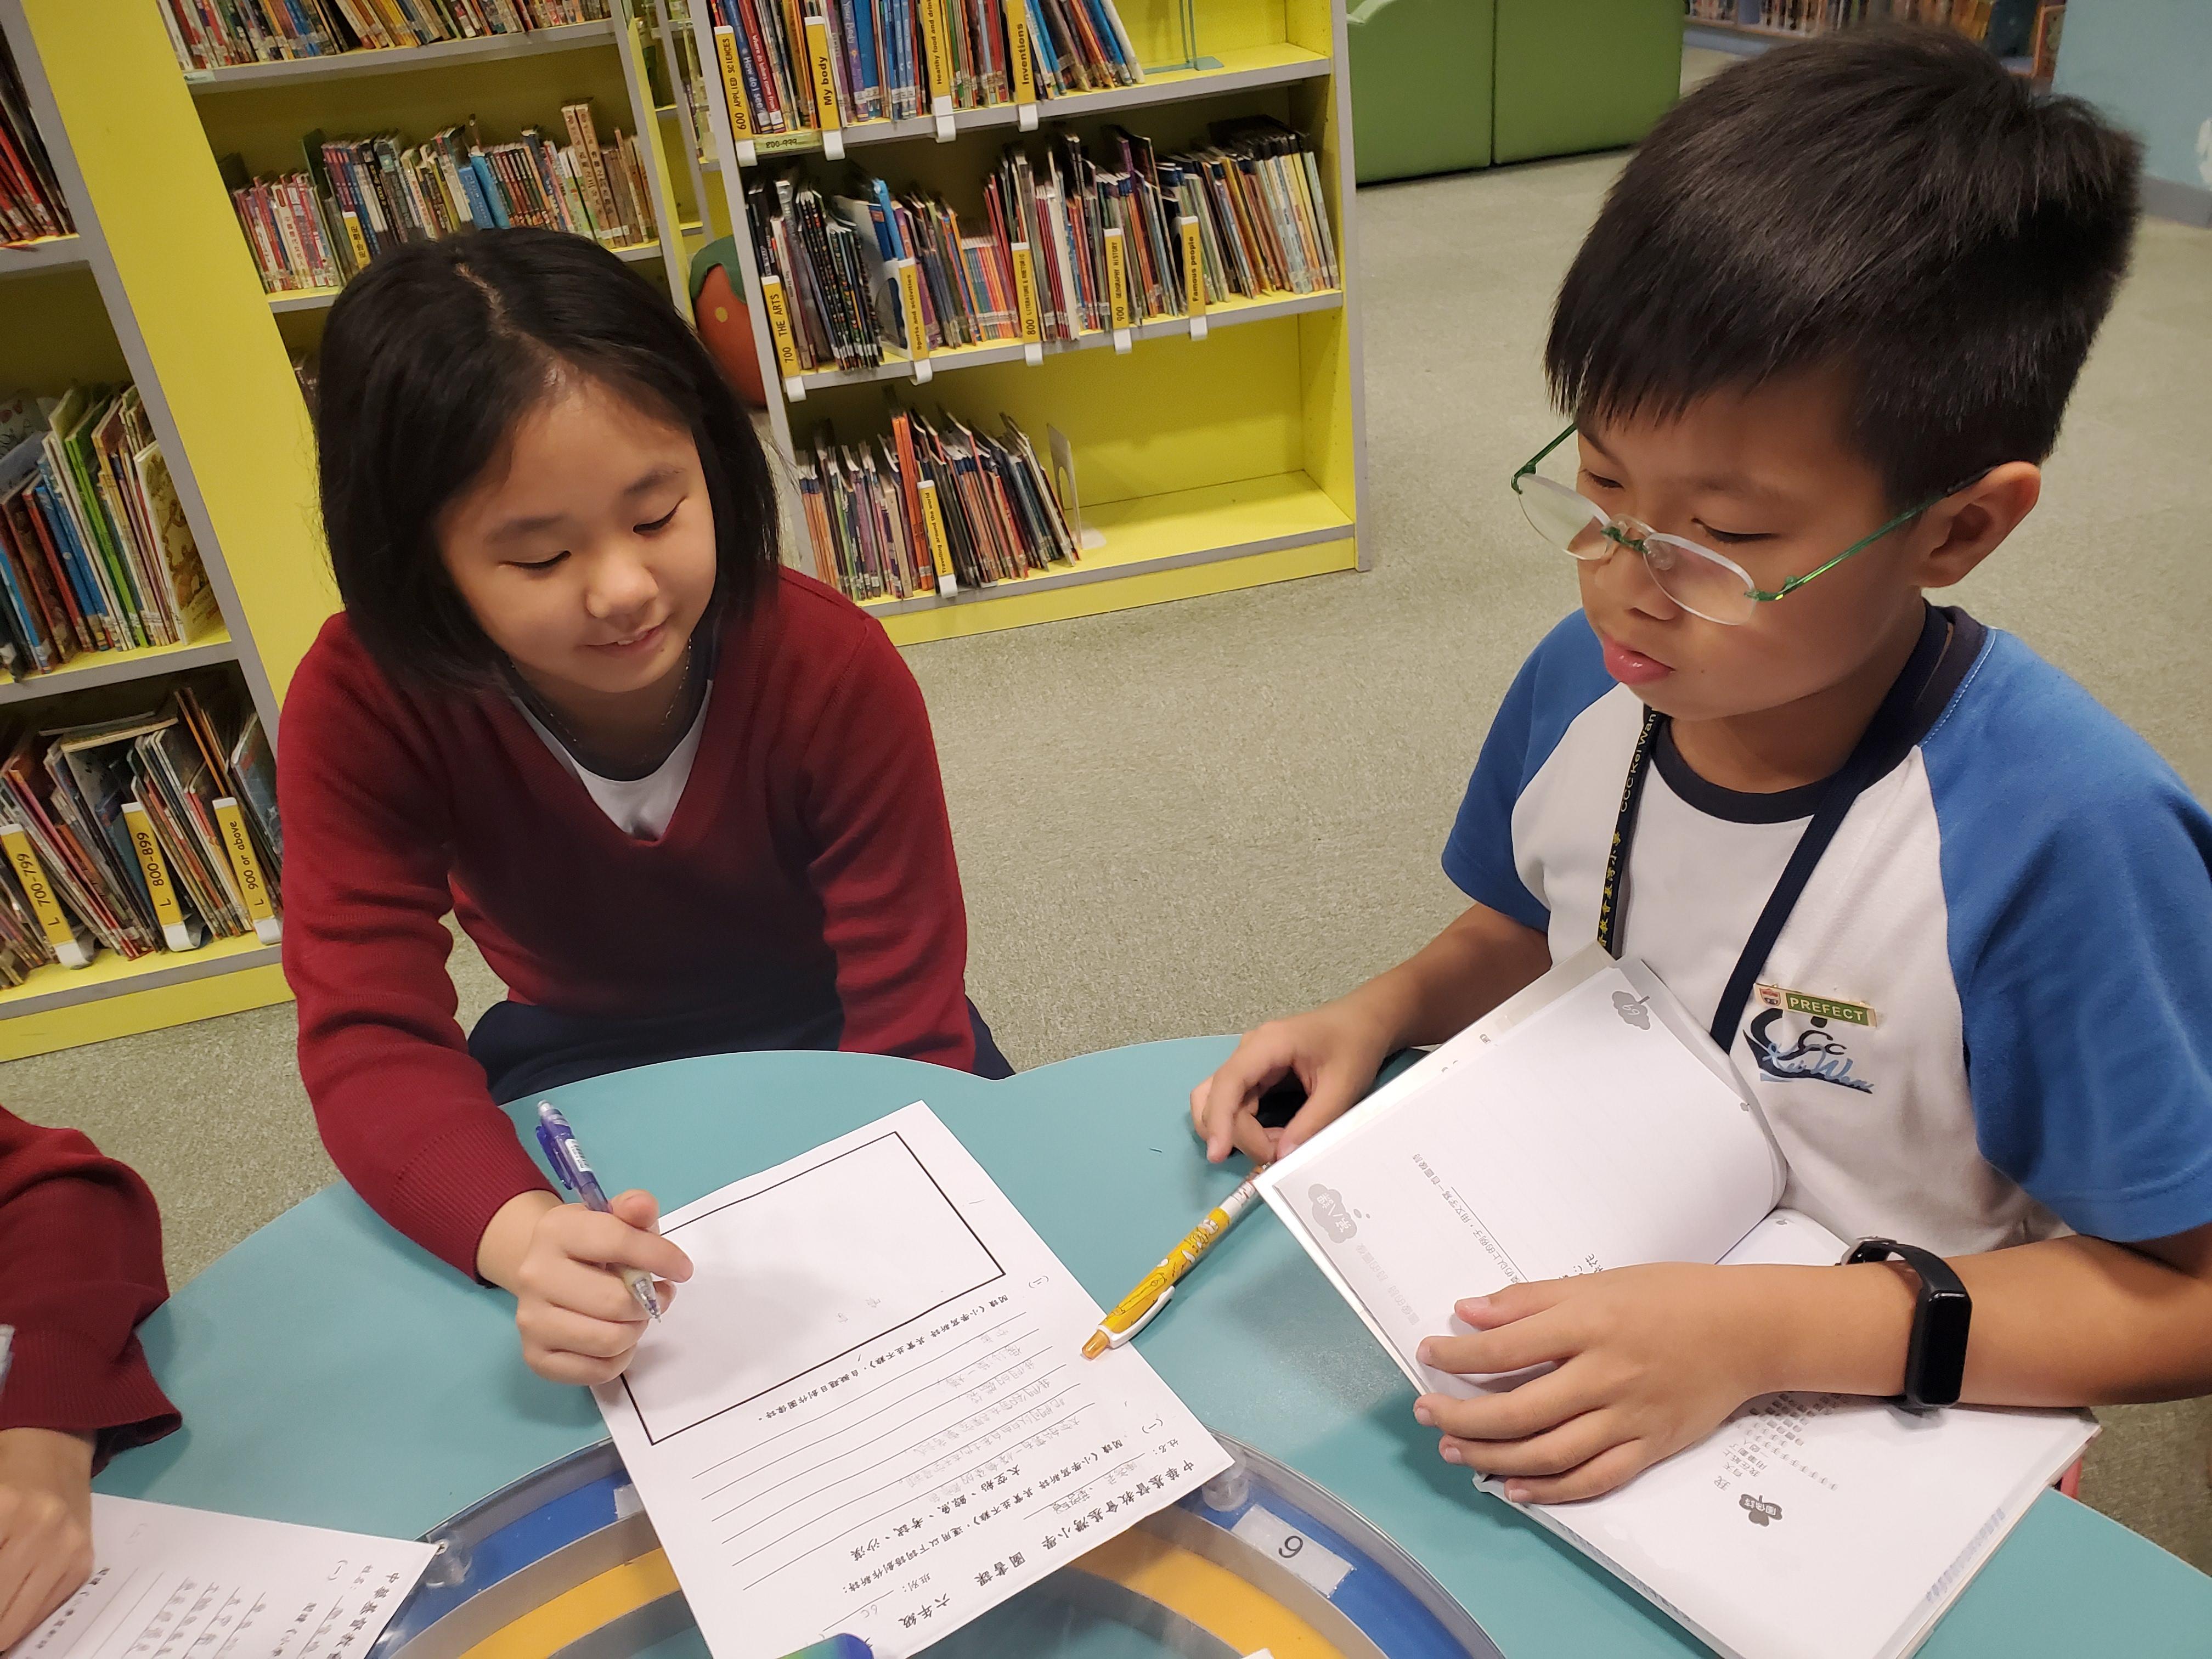 http://www.keiwan.edu.hk/sites/default/files/20191106_151525.jpg